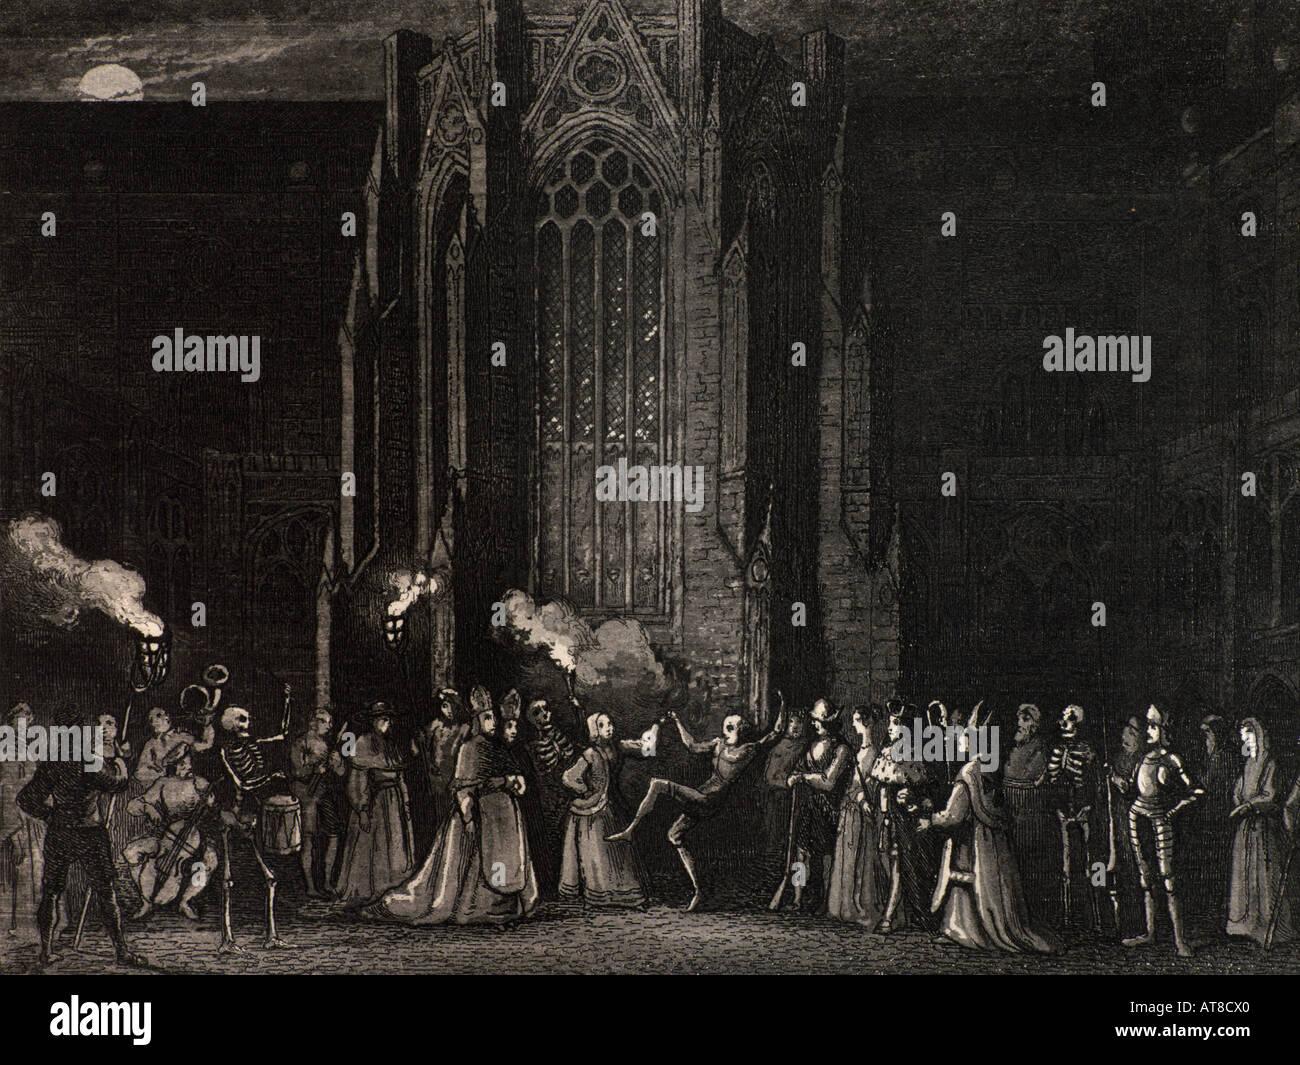 Holzschnitt Tanz des Todes Pest London England 1347-1350